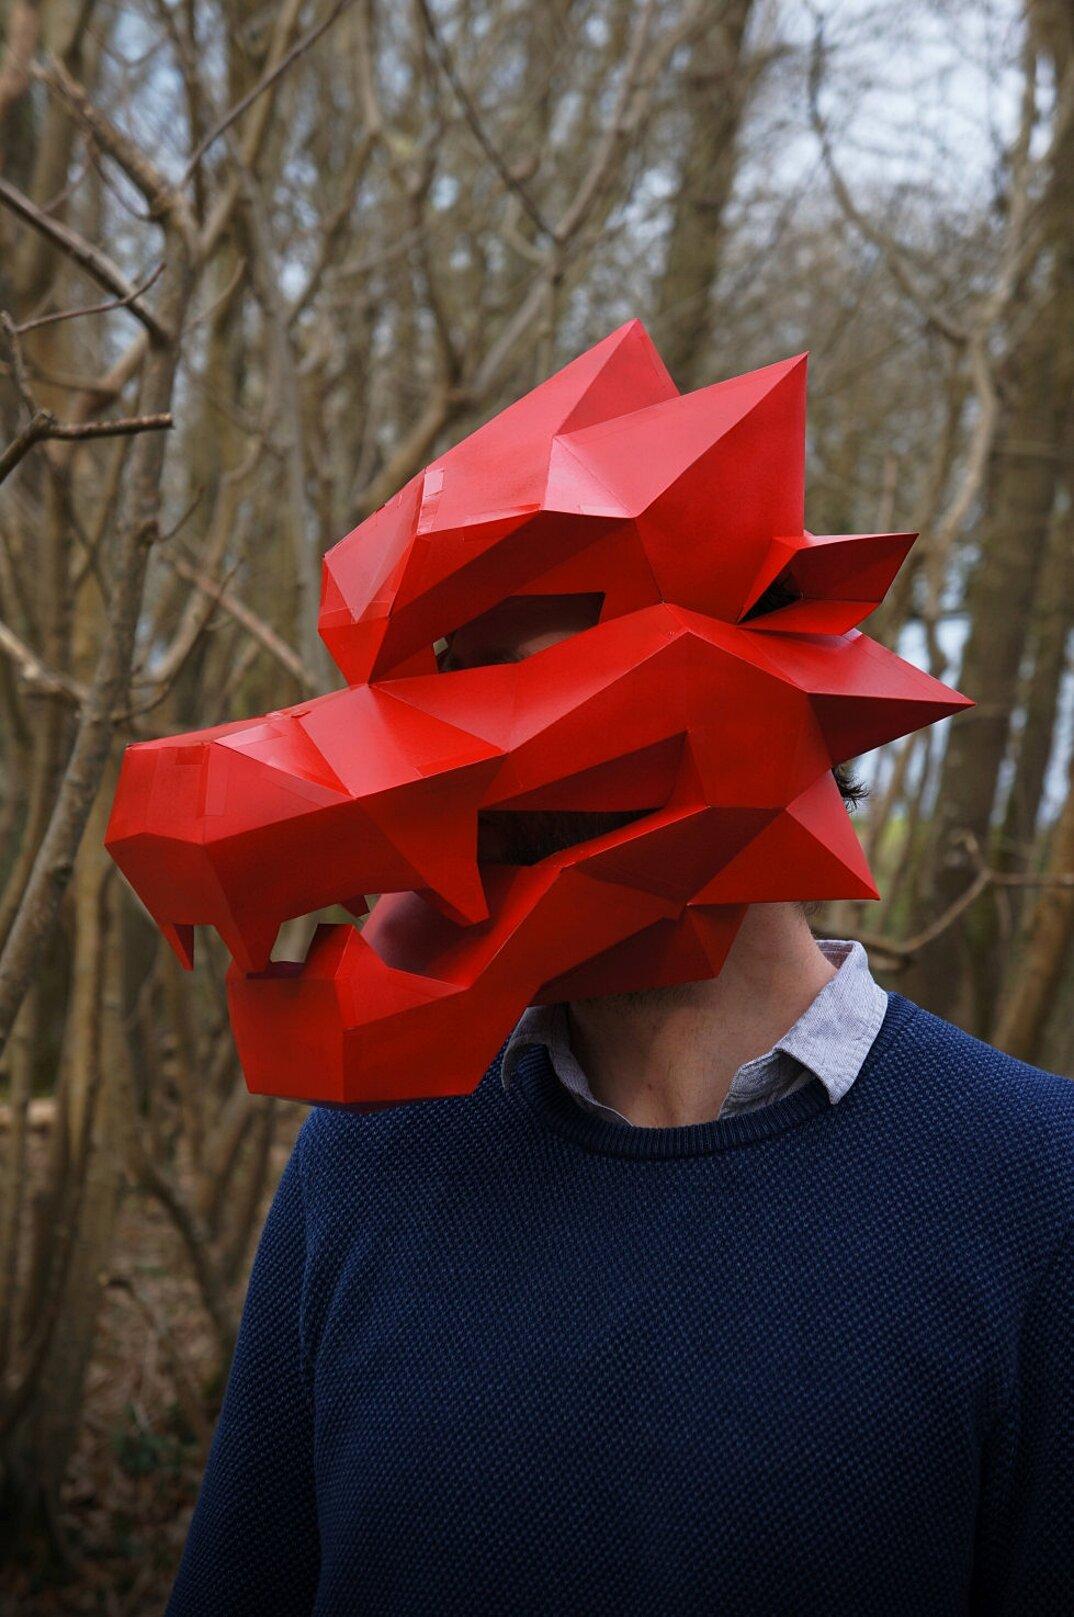 maschere-halloween-fai-da-te-geometriche-wintercroft-05